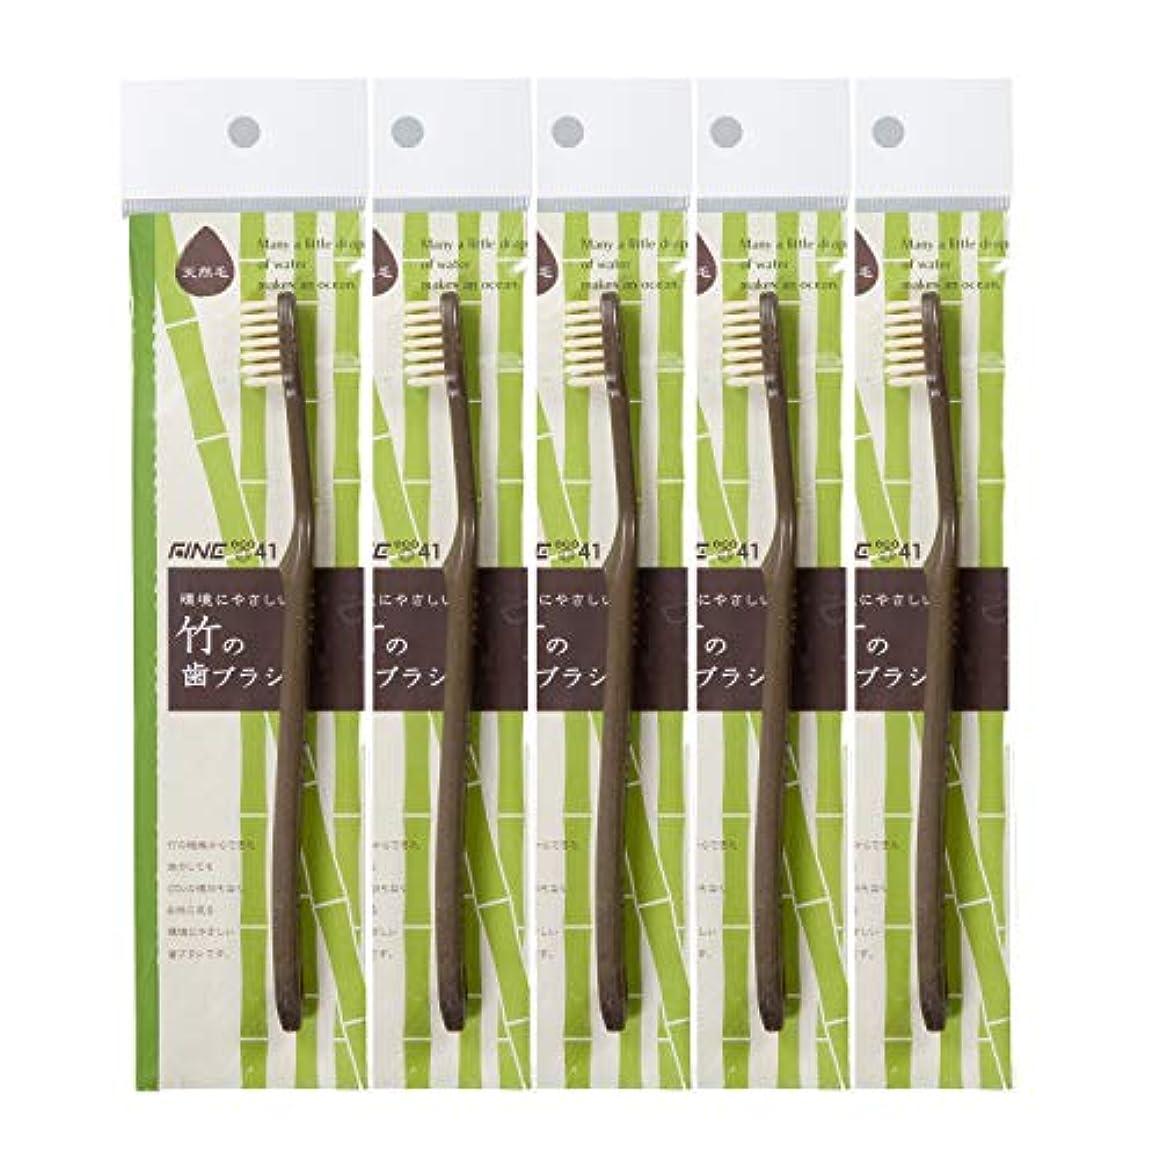 セラー昼寝地元【FINE ファイン】FINEeco41 竹の歯ブラシ 天然毛タイプ 5本セット